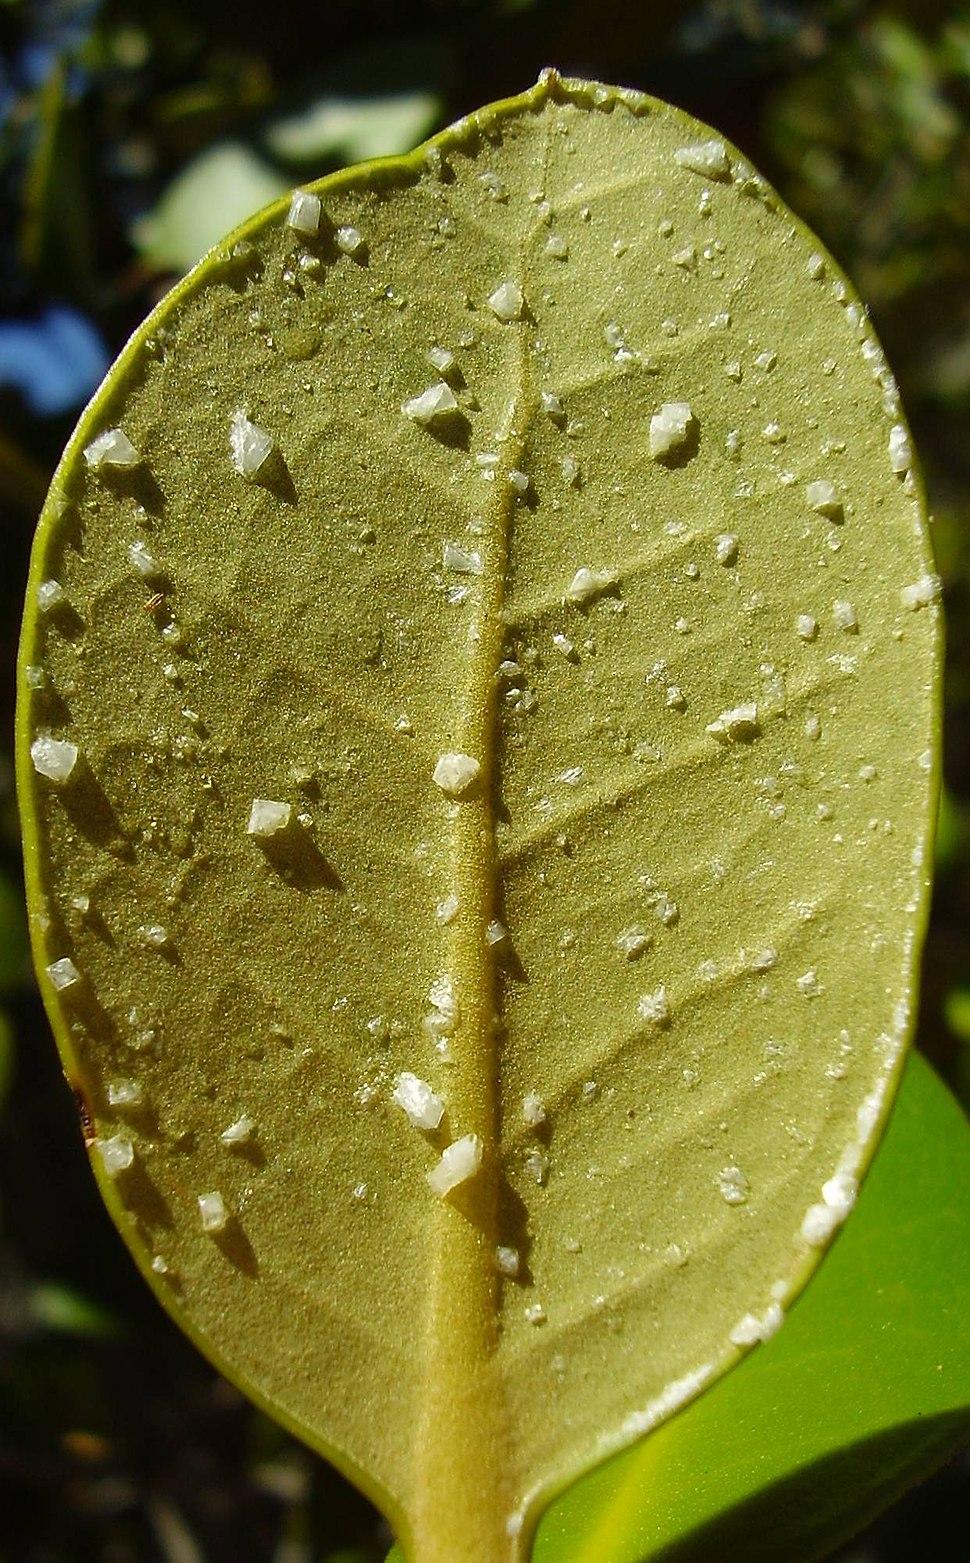 Saltcrystals on avicennia marina var resinifera leaves